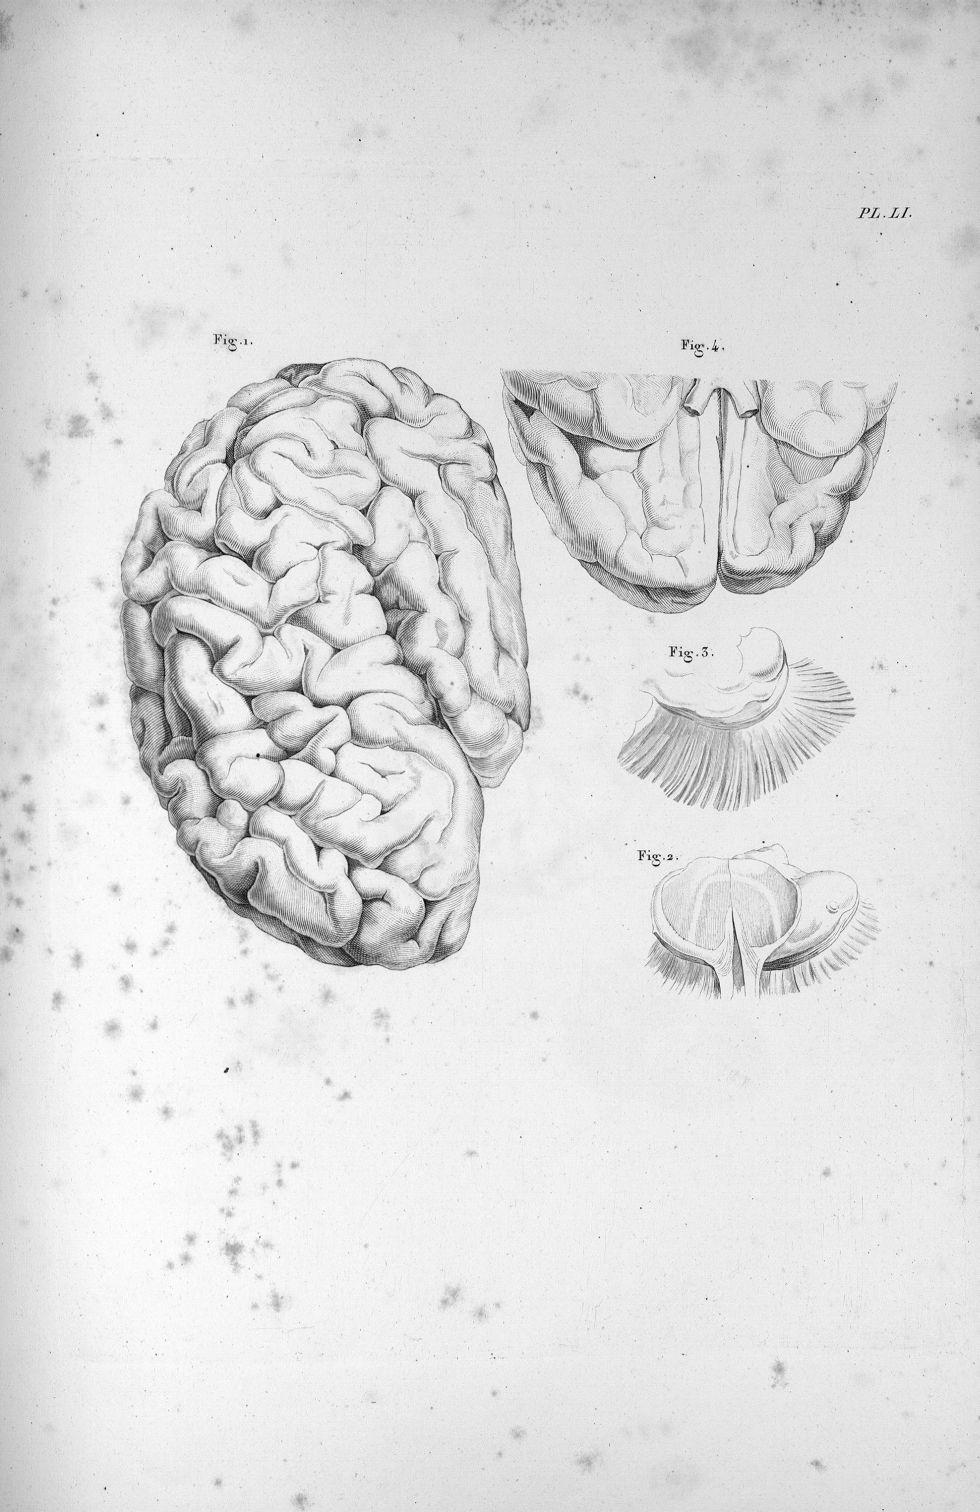 Pl. LI. Cerveau d'une jeune femme aliénée, dont la couche optique de l'hémisphère gauche a été en pa [...] - Anatomie. Neurologie. Cerveaux. Phrénologie. 19e siècle (France) - med00575x03x0299